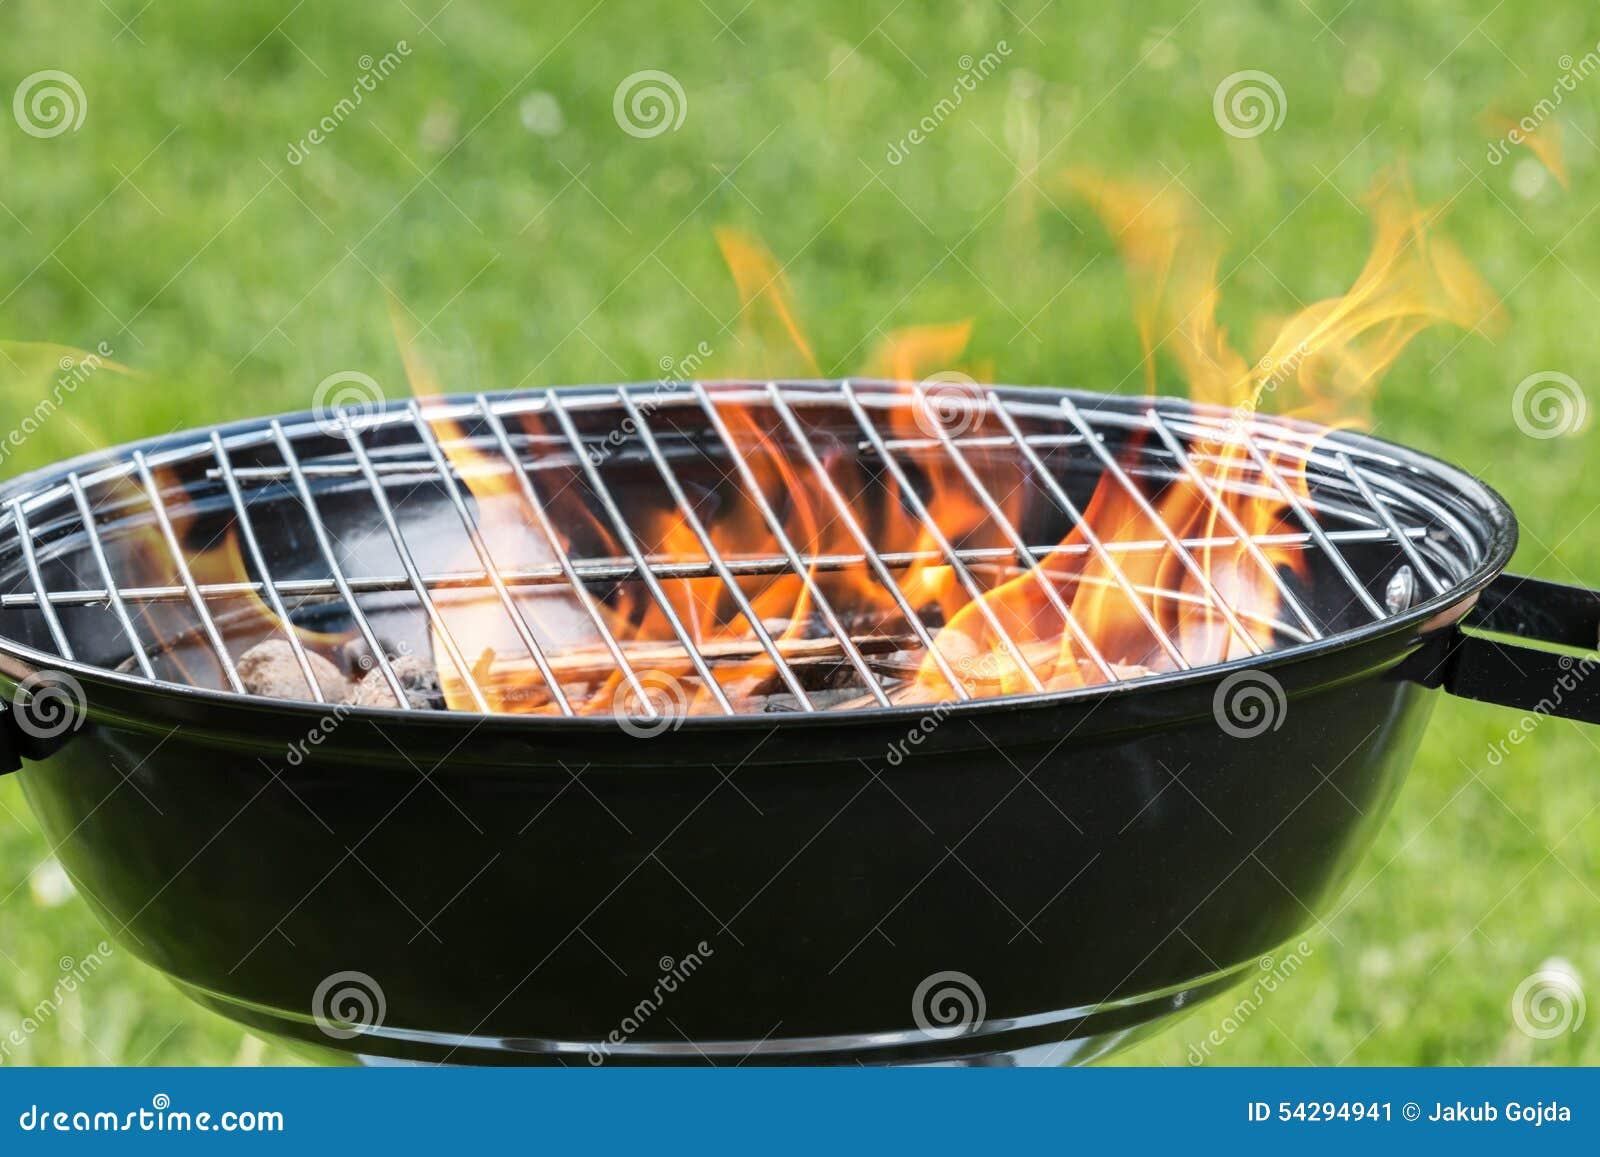 leerer grill mit feuer auf garten stockbild - bild von gras